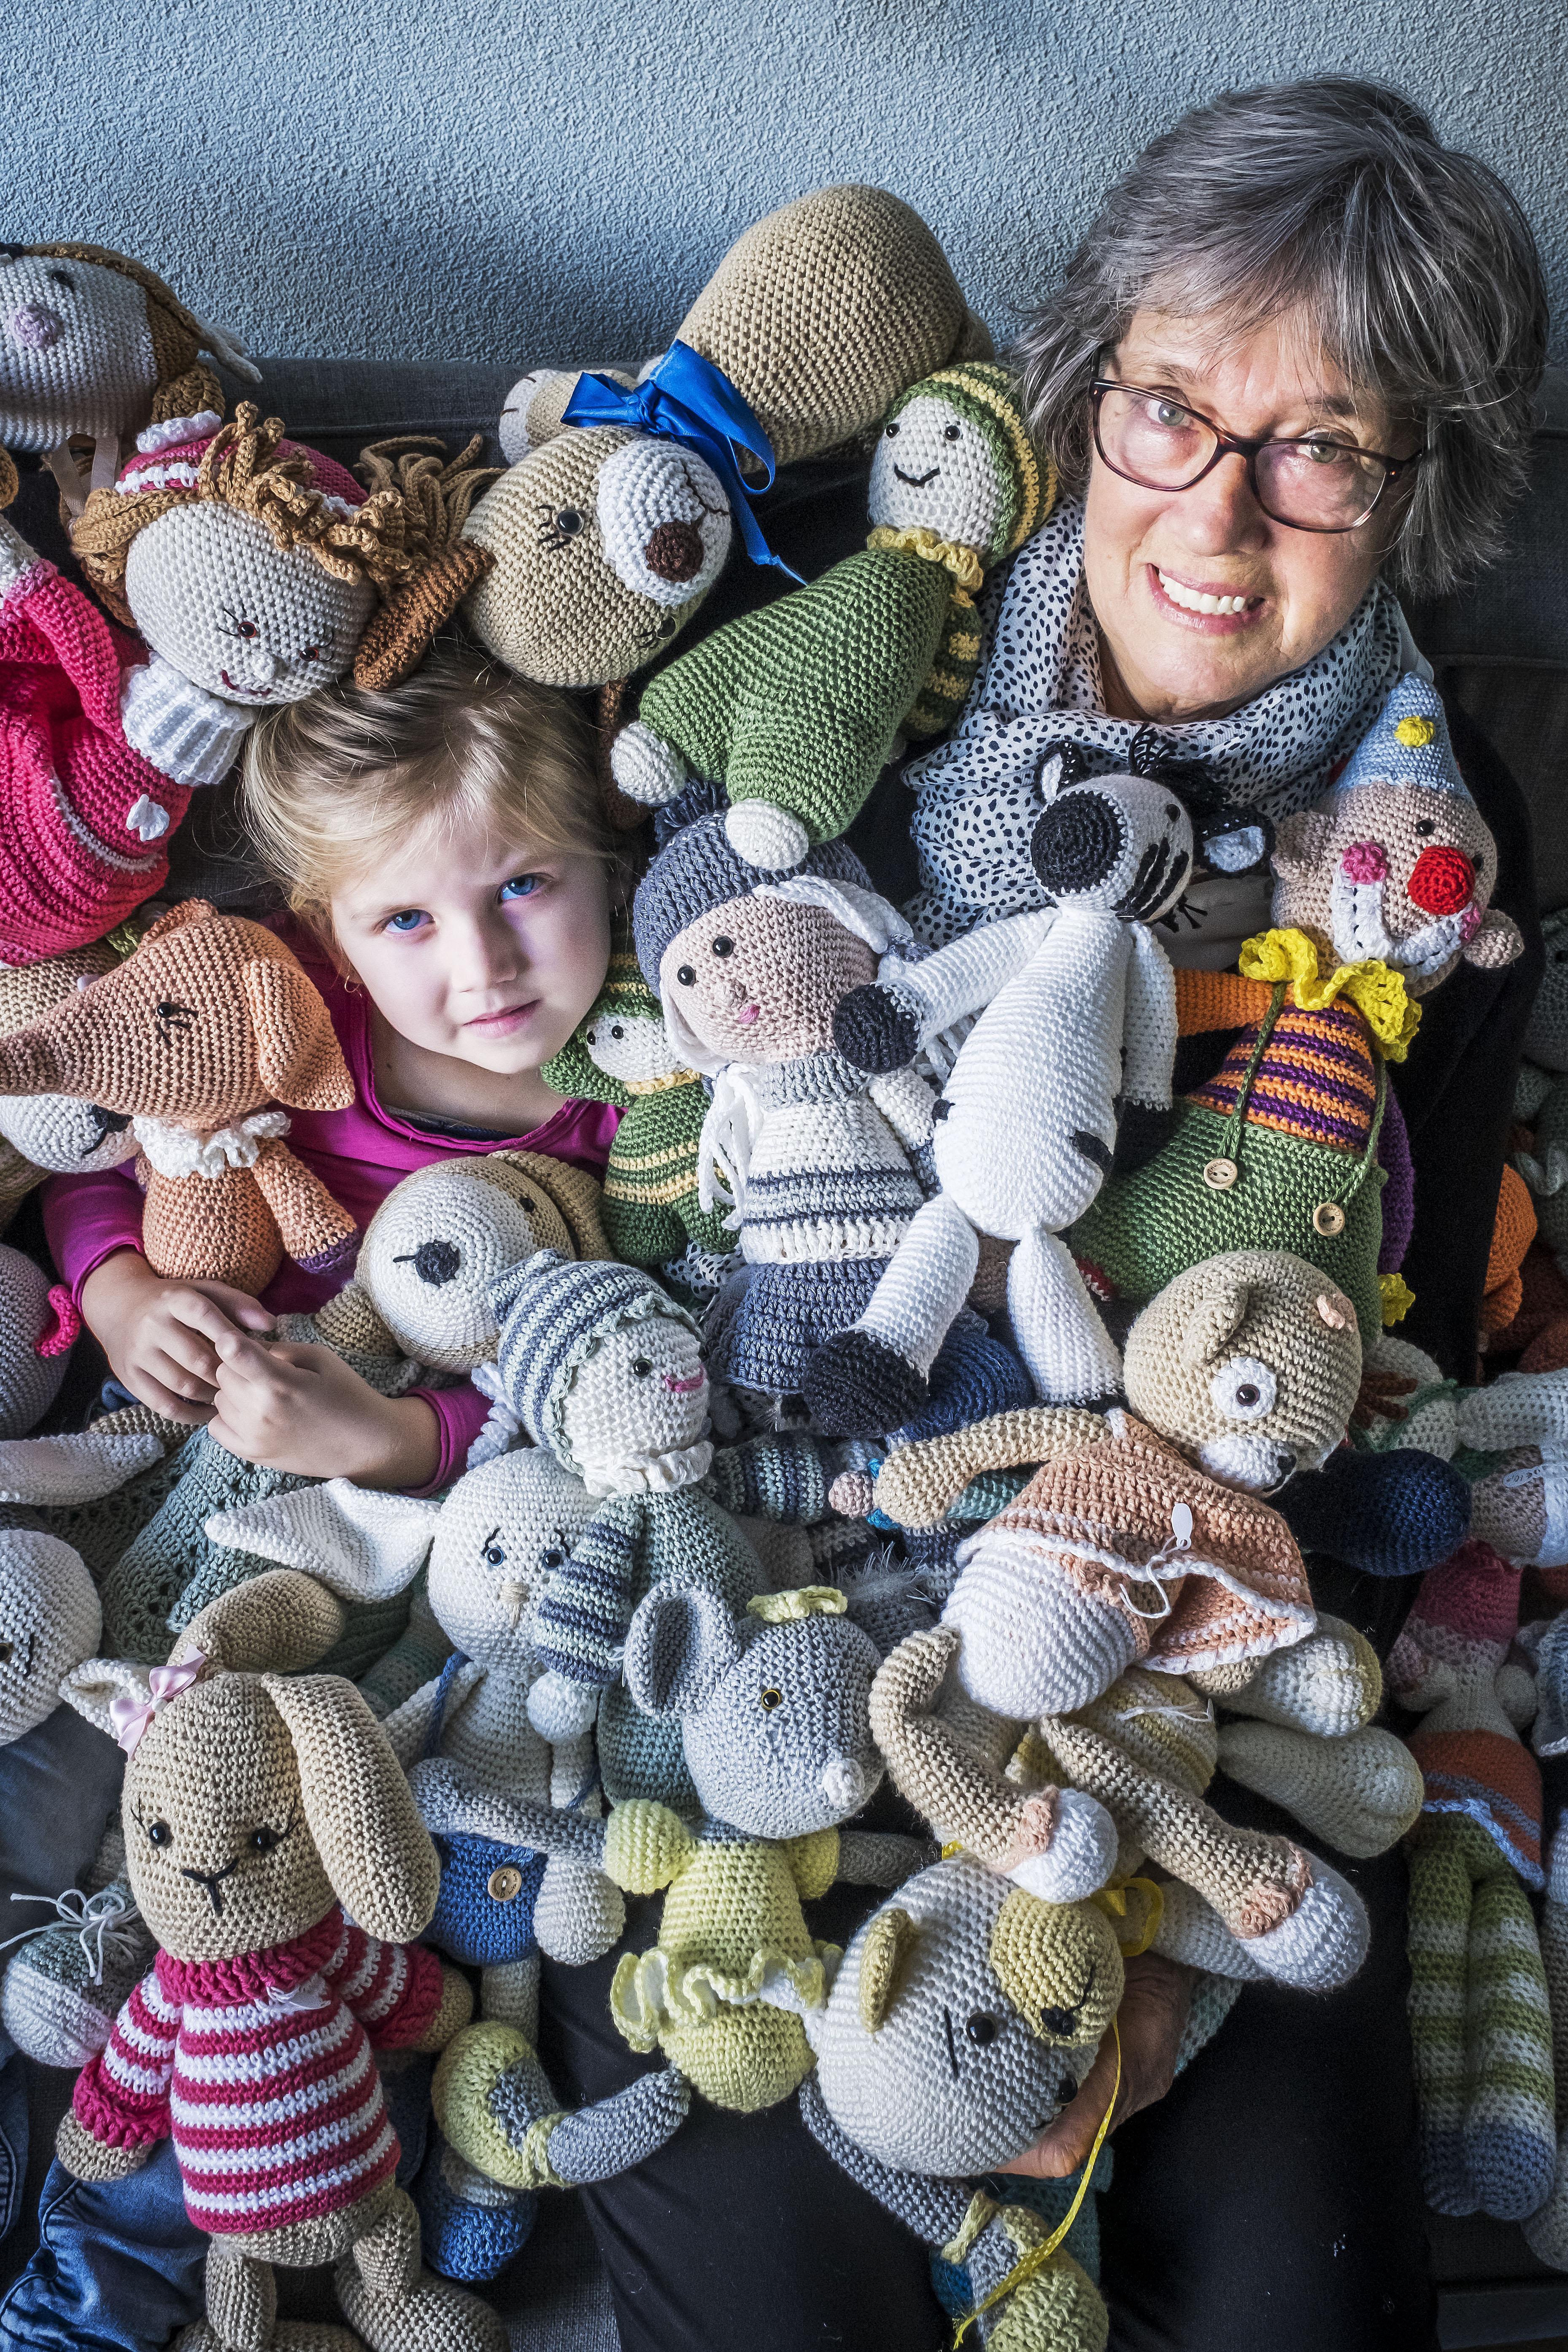 Oma Ria Hof strijdt met haakpen en katoen tegen de 'vreselijke ziekten' waaraan haar kleinkind Dana lijdt